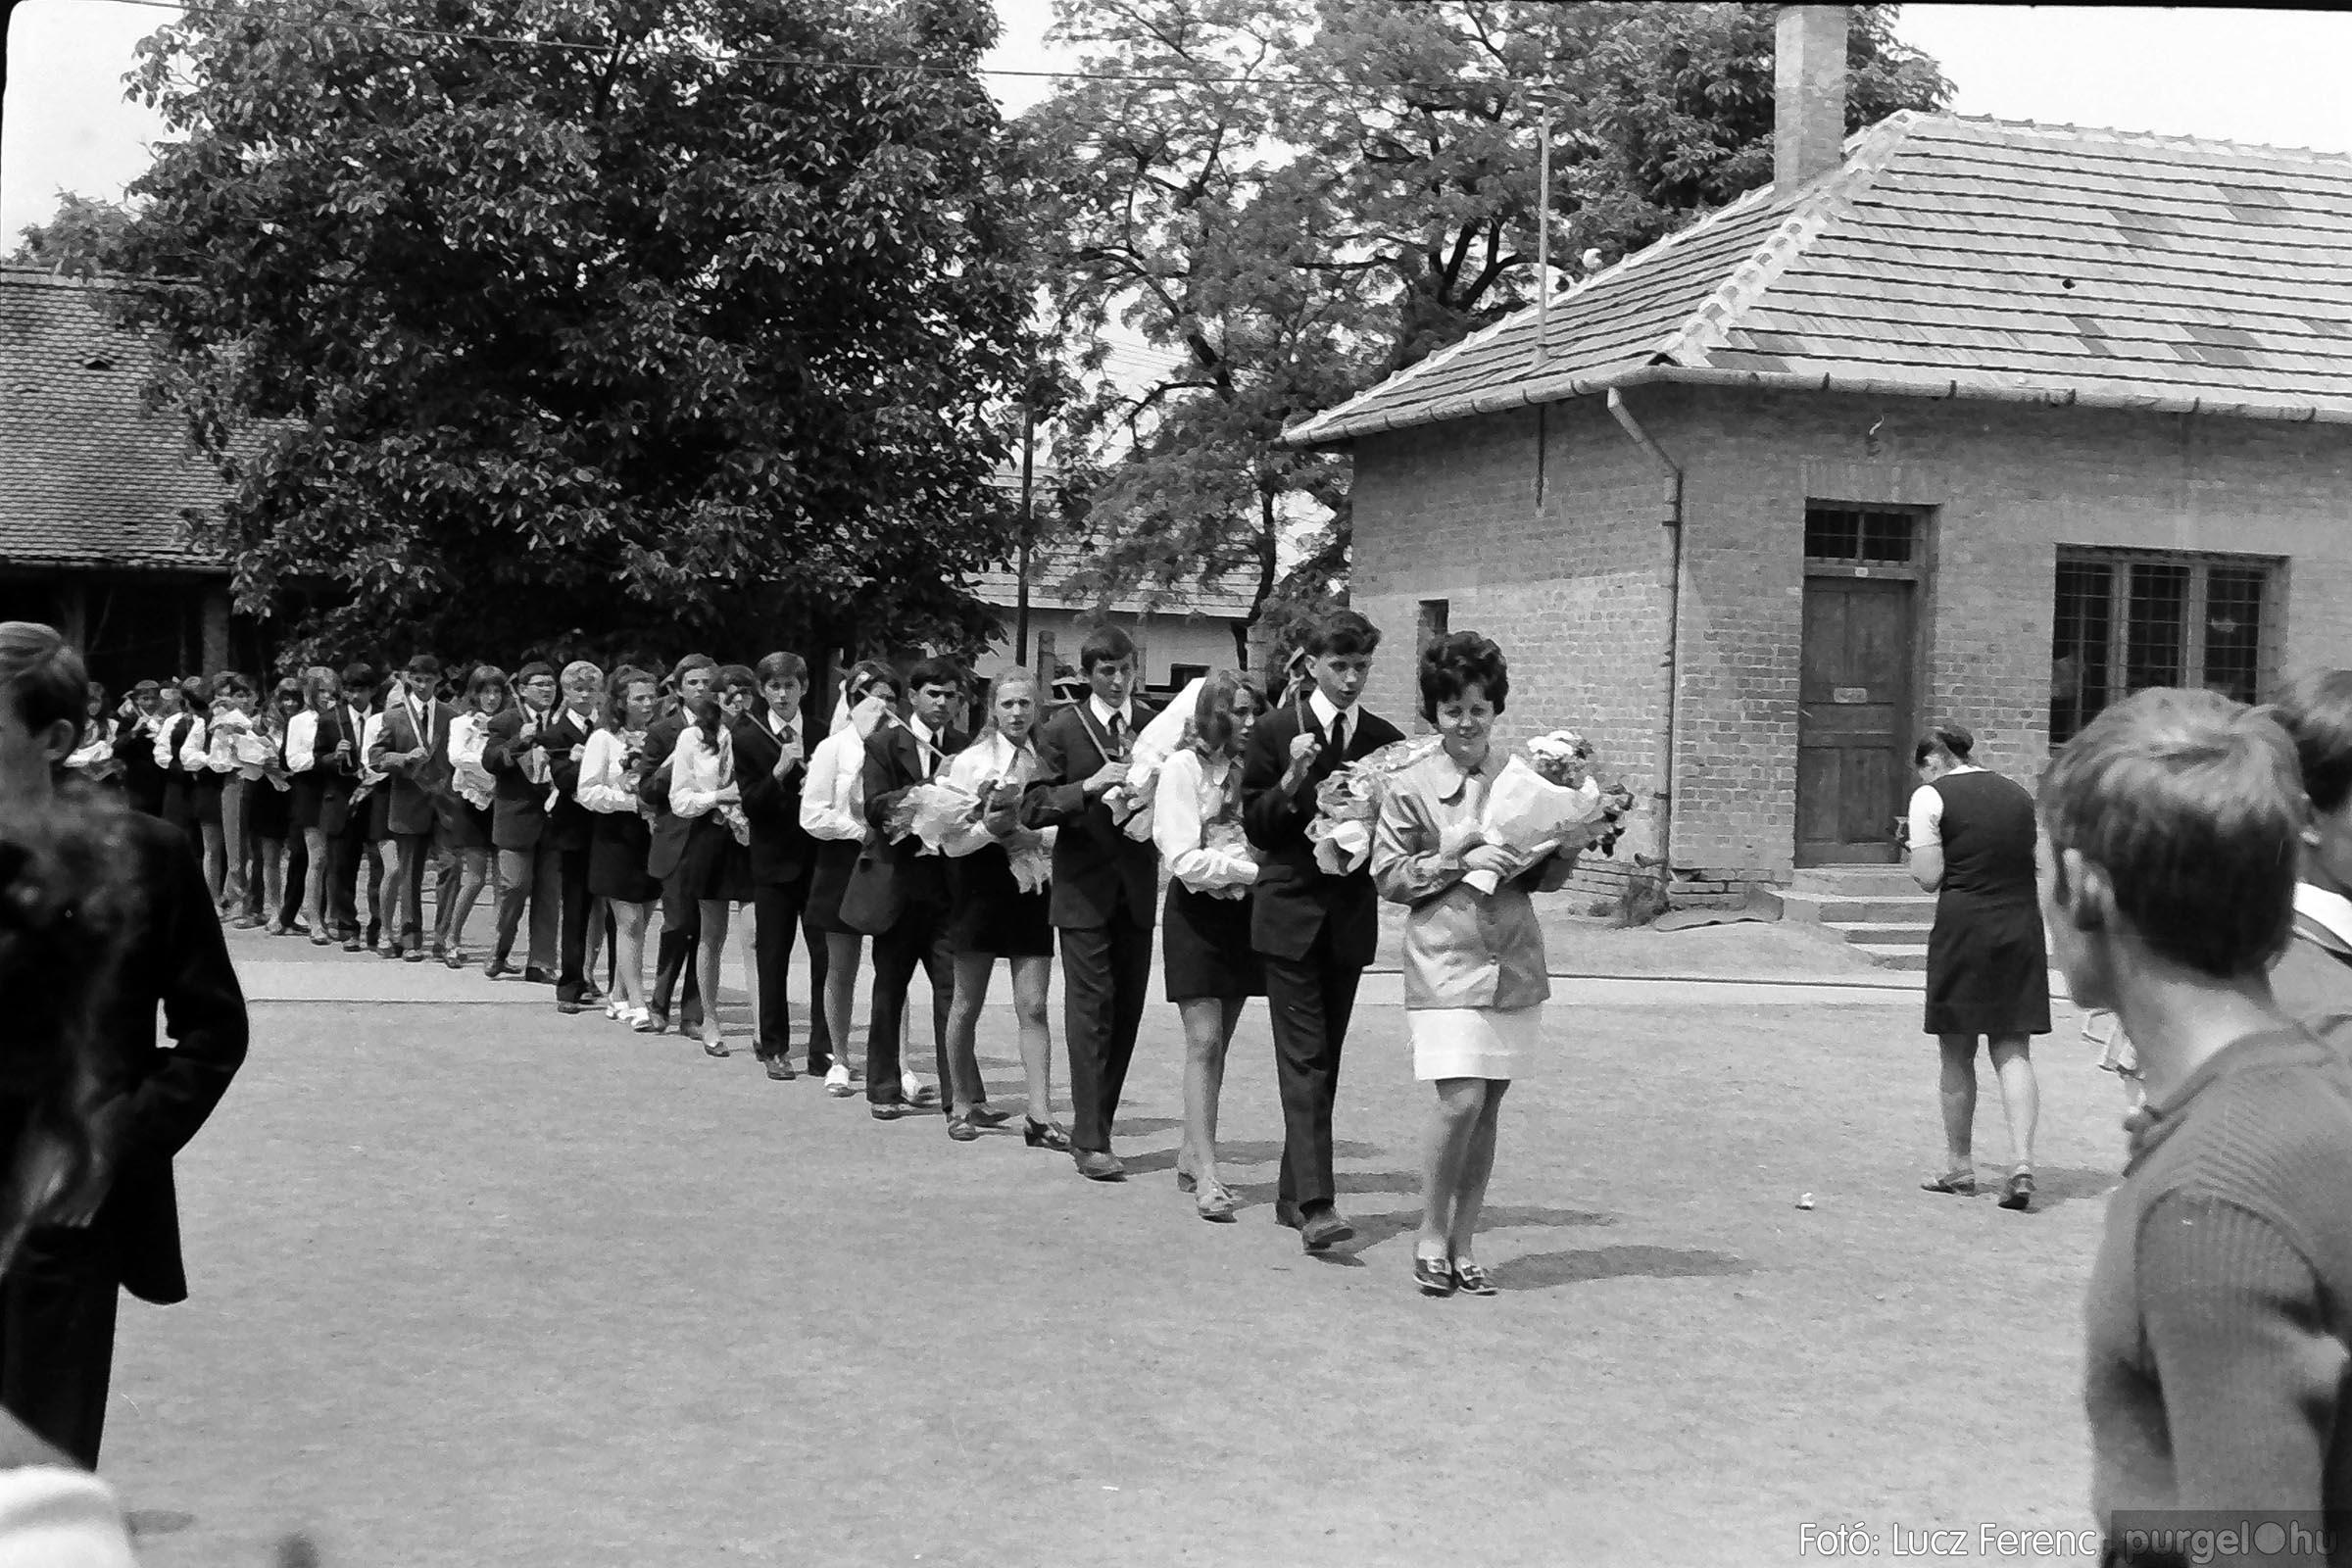 001 1972.05.27. Ballagás a szegvári iskolában 033 - Fotó: Lucz Ferenc - IMG01055q.jpg